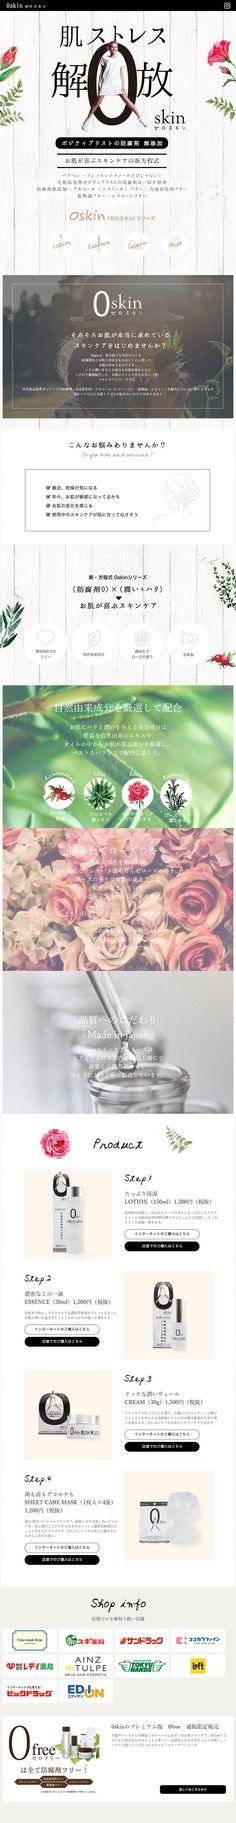 0skin【スキンケア・美容商品関連】のLPデザイン。WEBデザイナーさん必見!ランディングページのデザイン参考に(シンプル系)